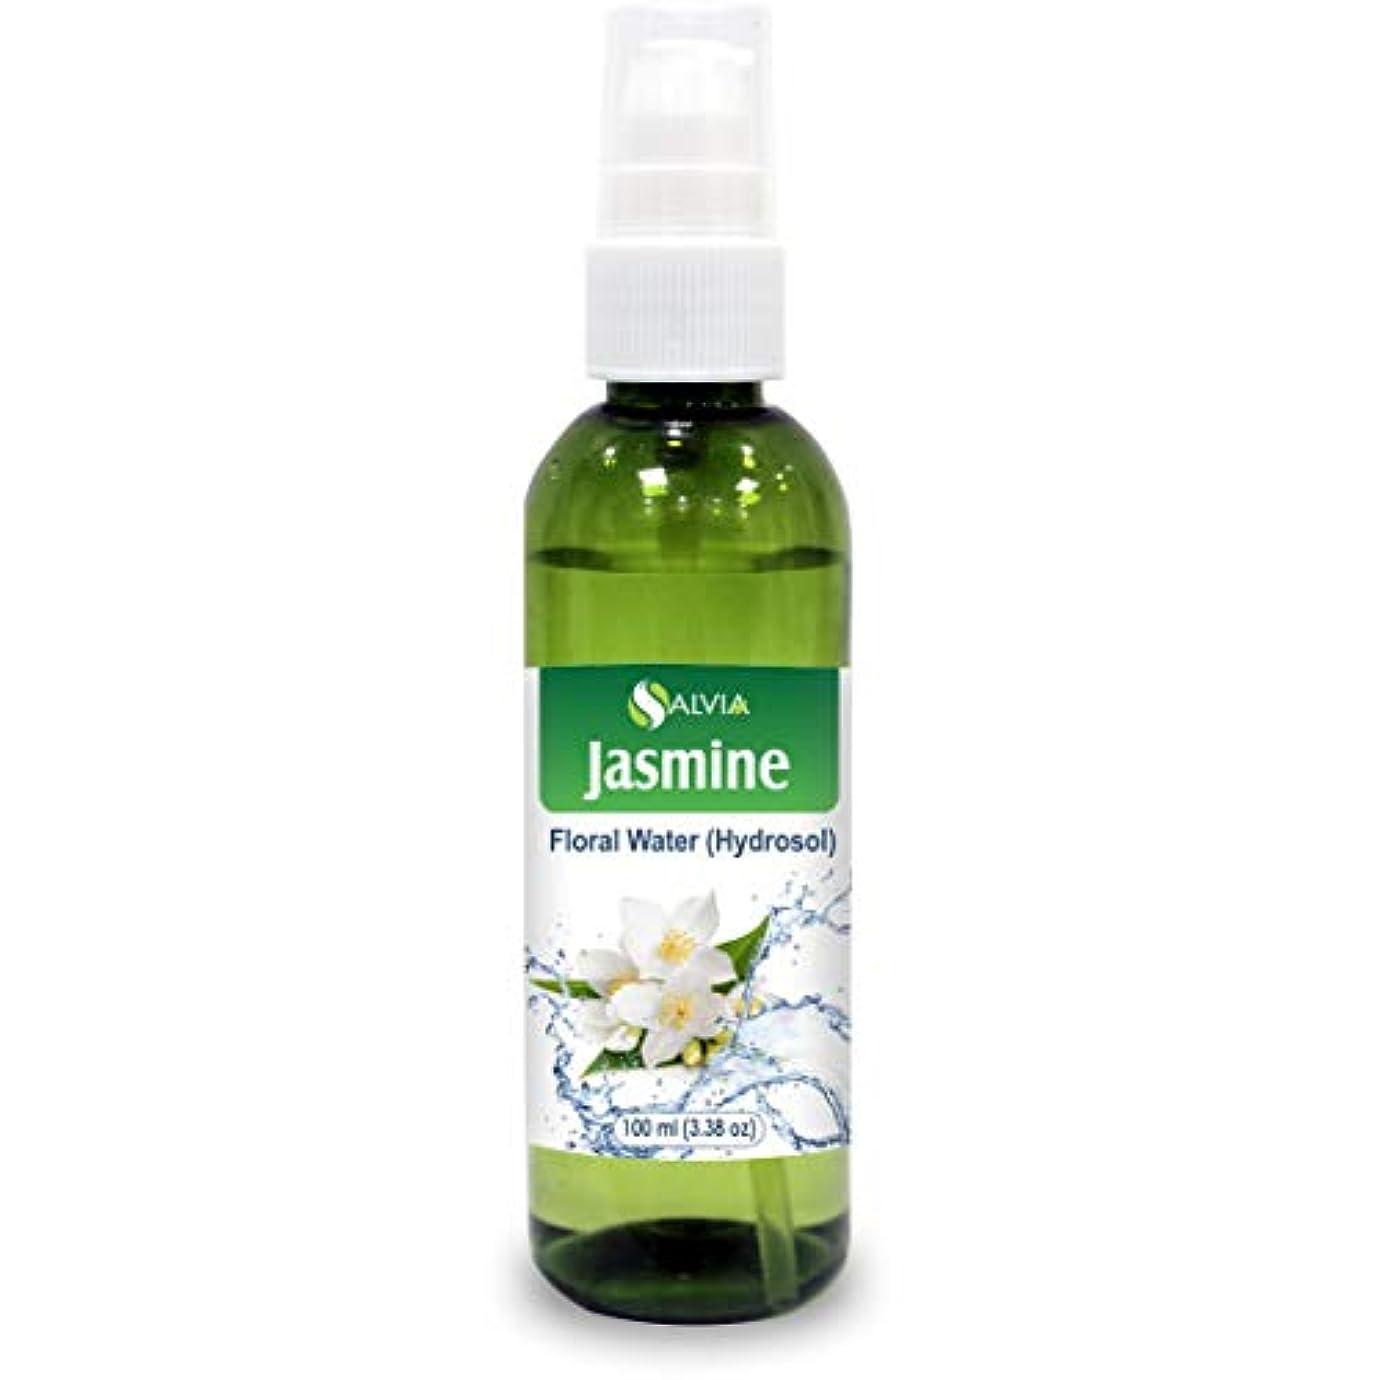 回答中絶炭素Jasmine Floral Water 100ml (Hydrosol) 100% Pure And Natural